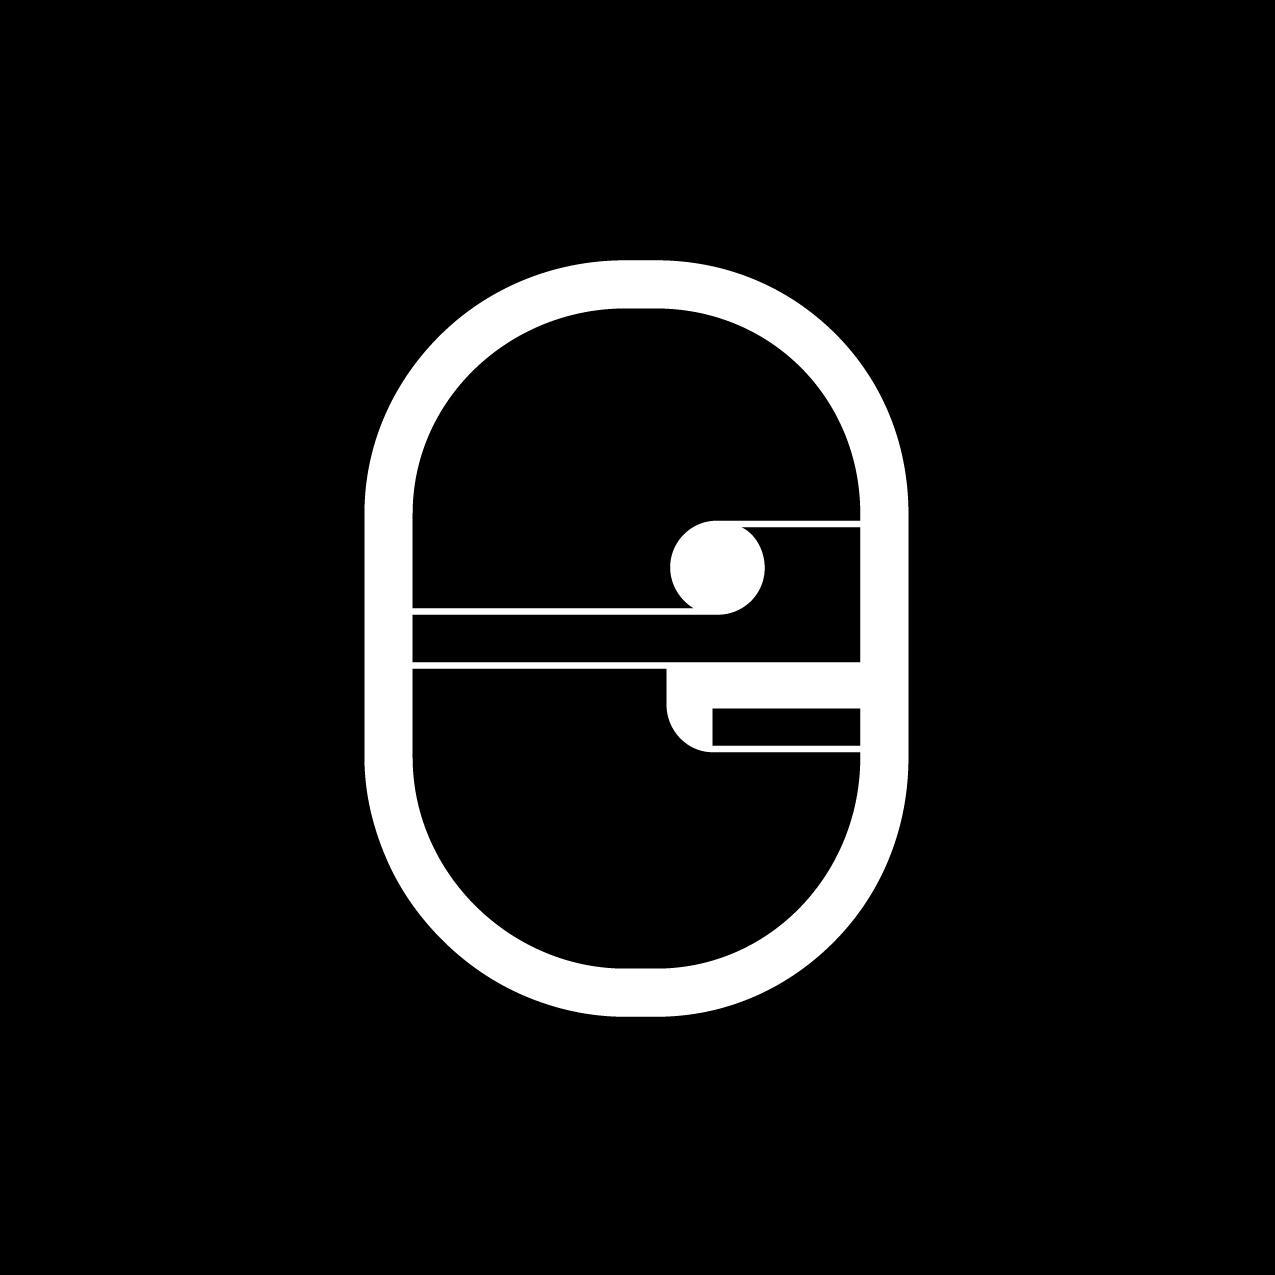 Letter E6 design by Furia